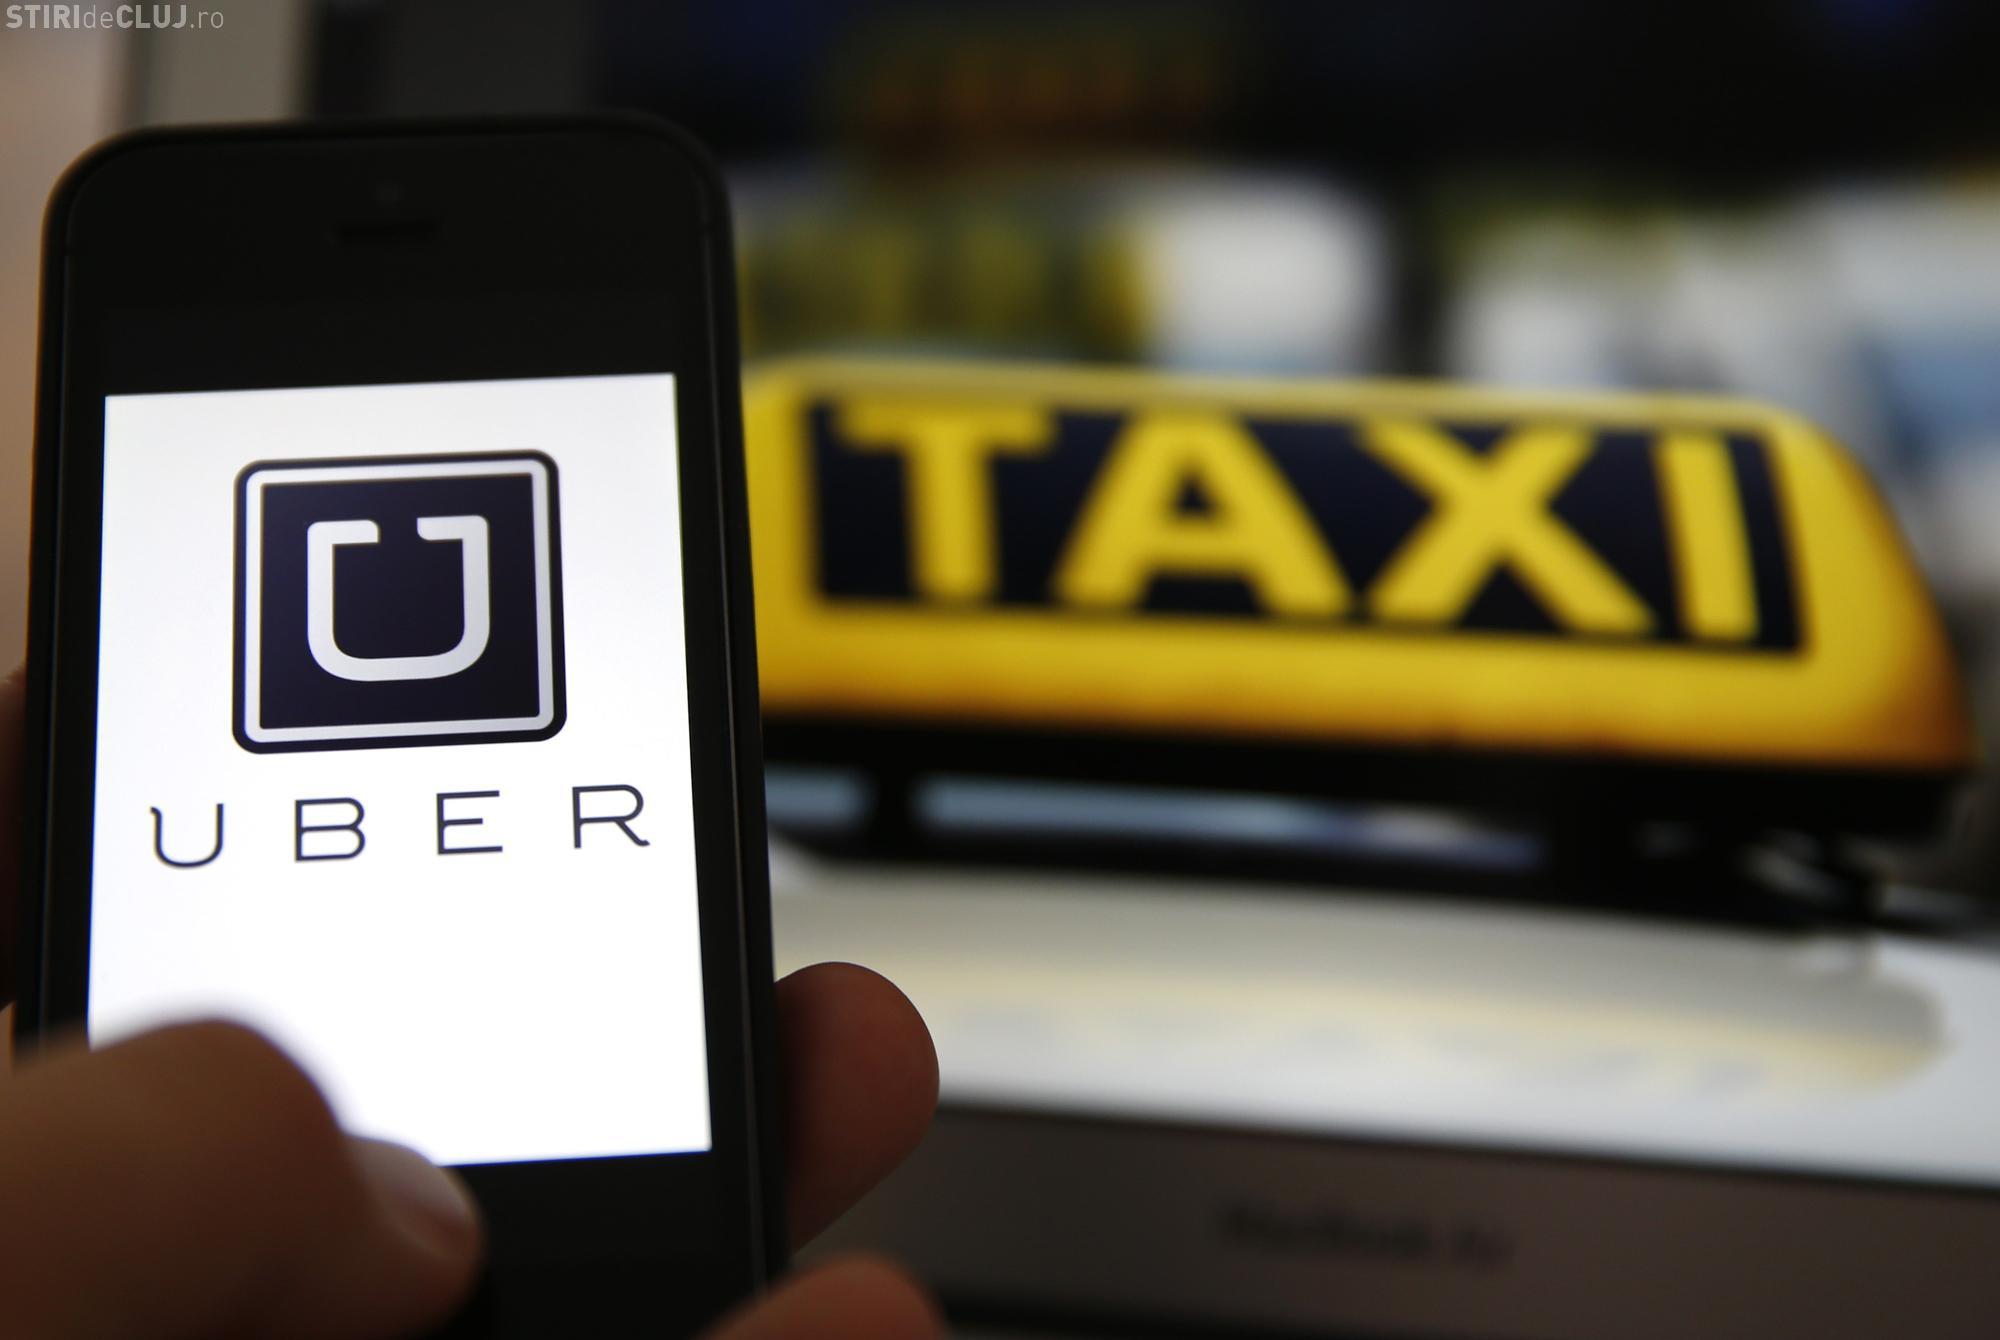 UBER susține că serviciul oferit nu este unul de TAXI